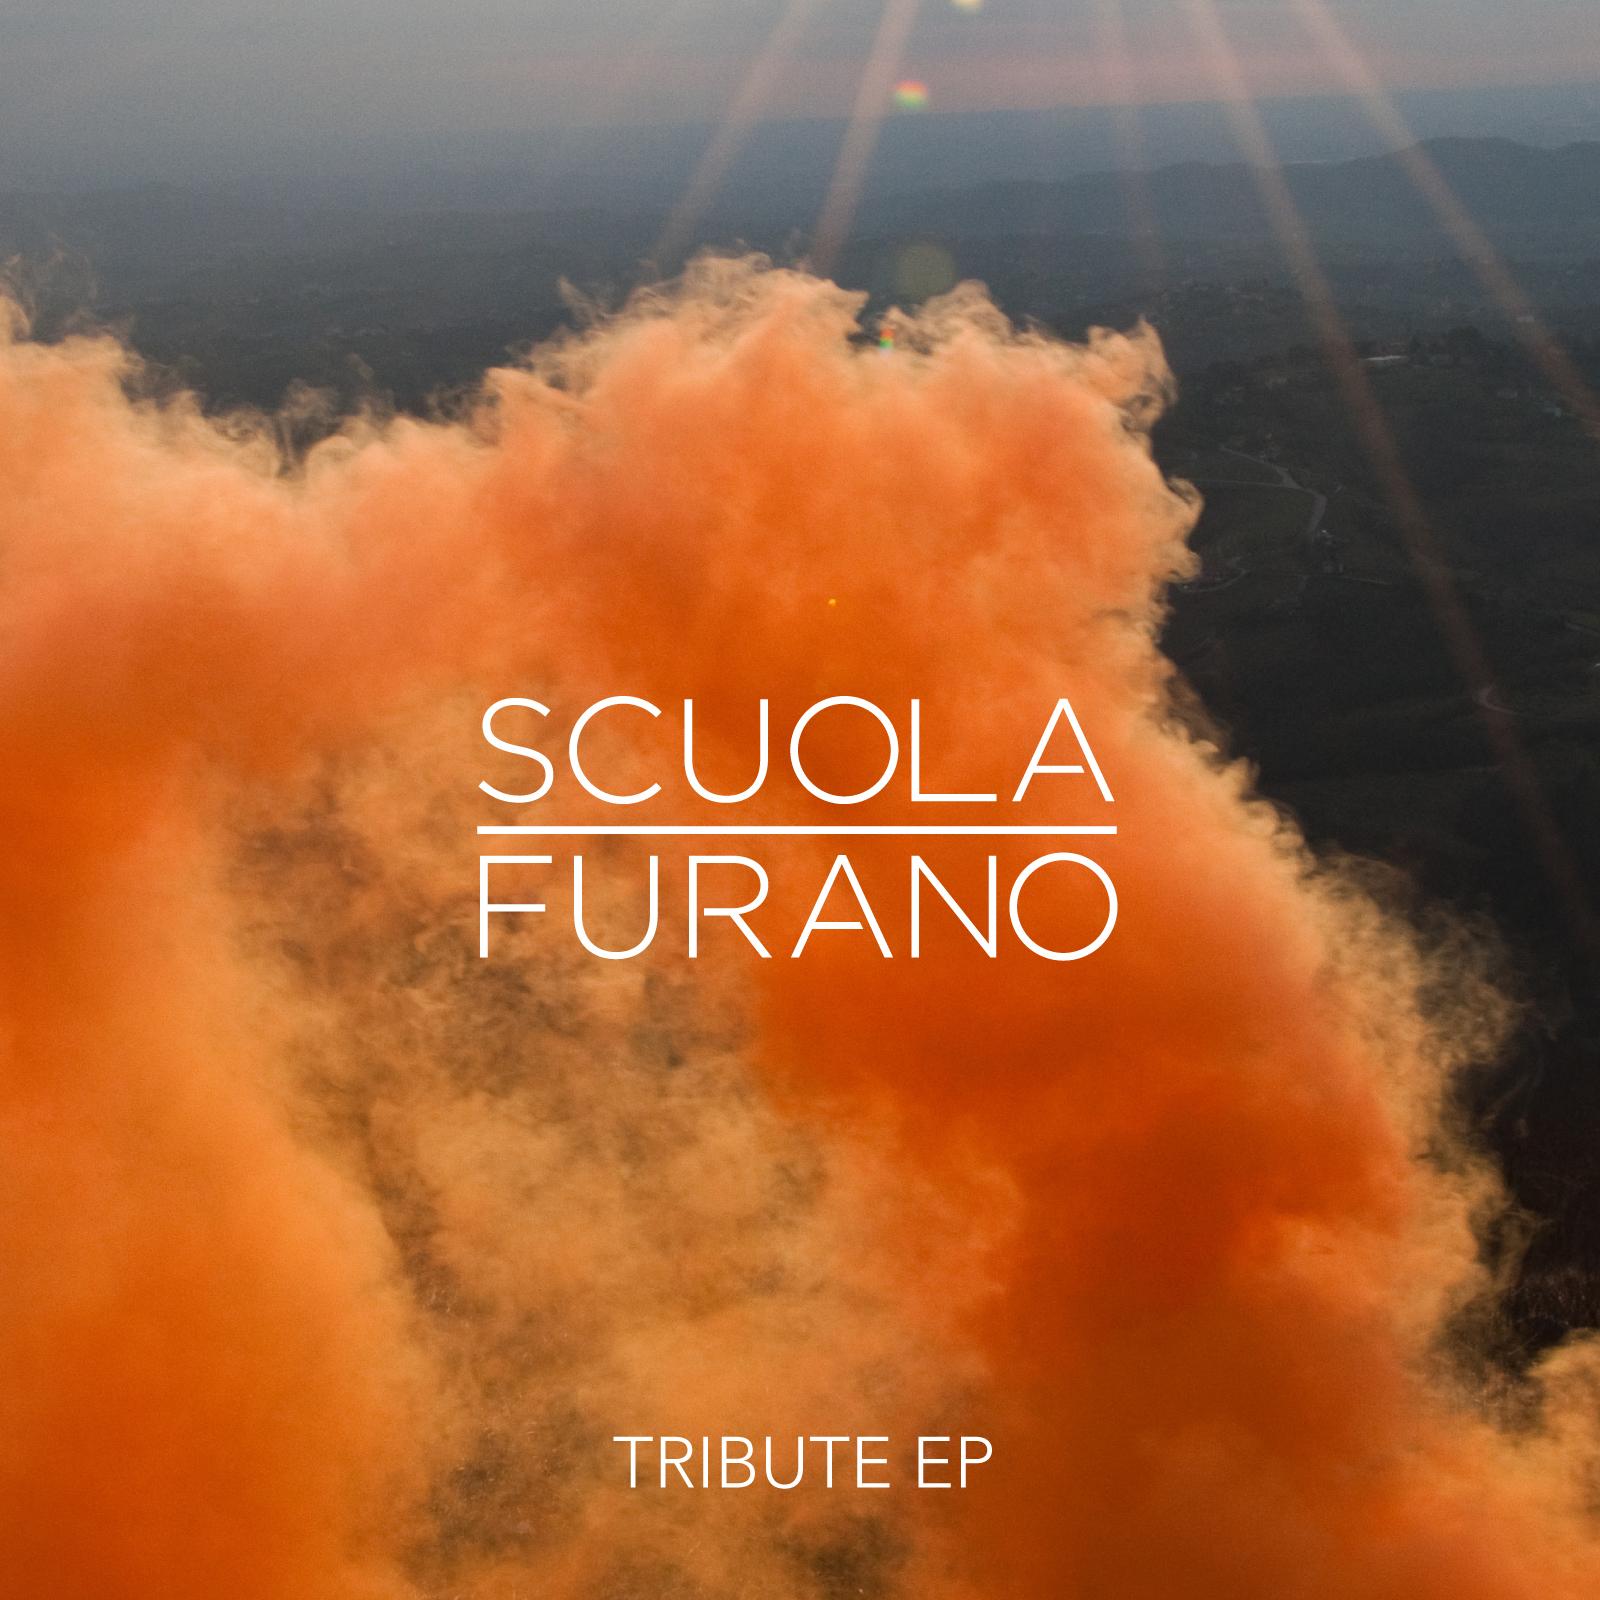 ScuolaFurano_cover.jpg